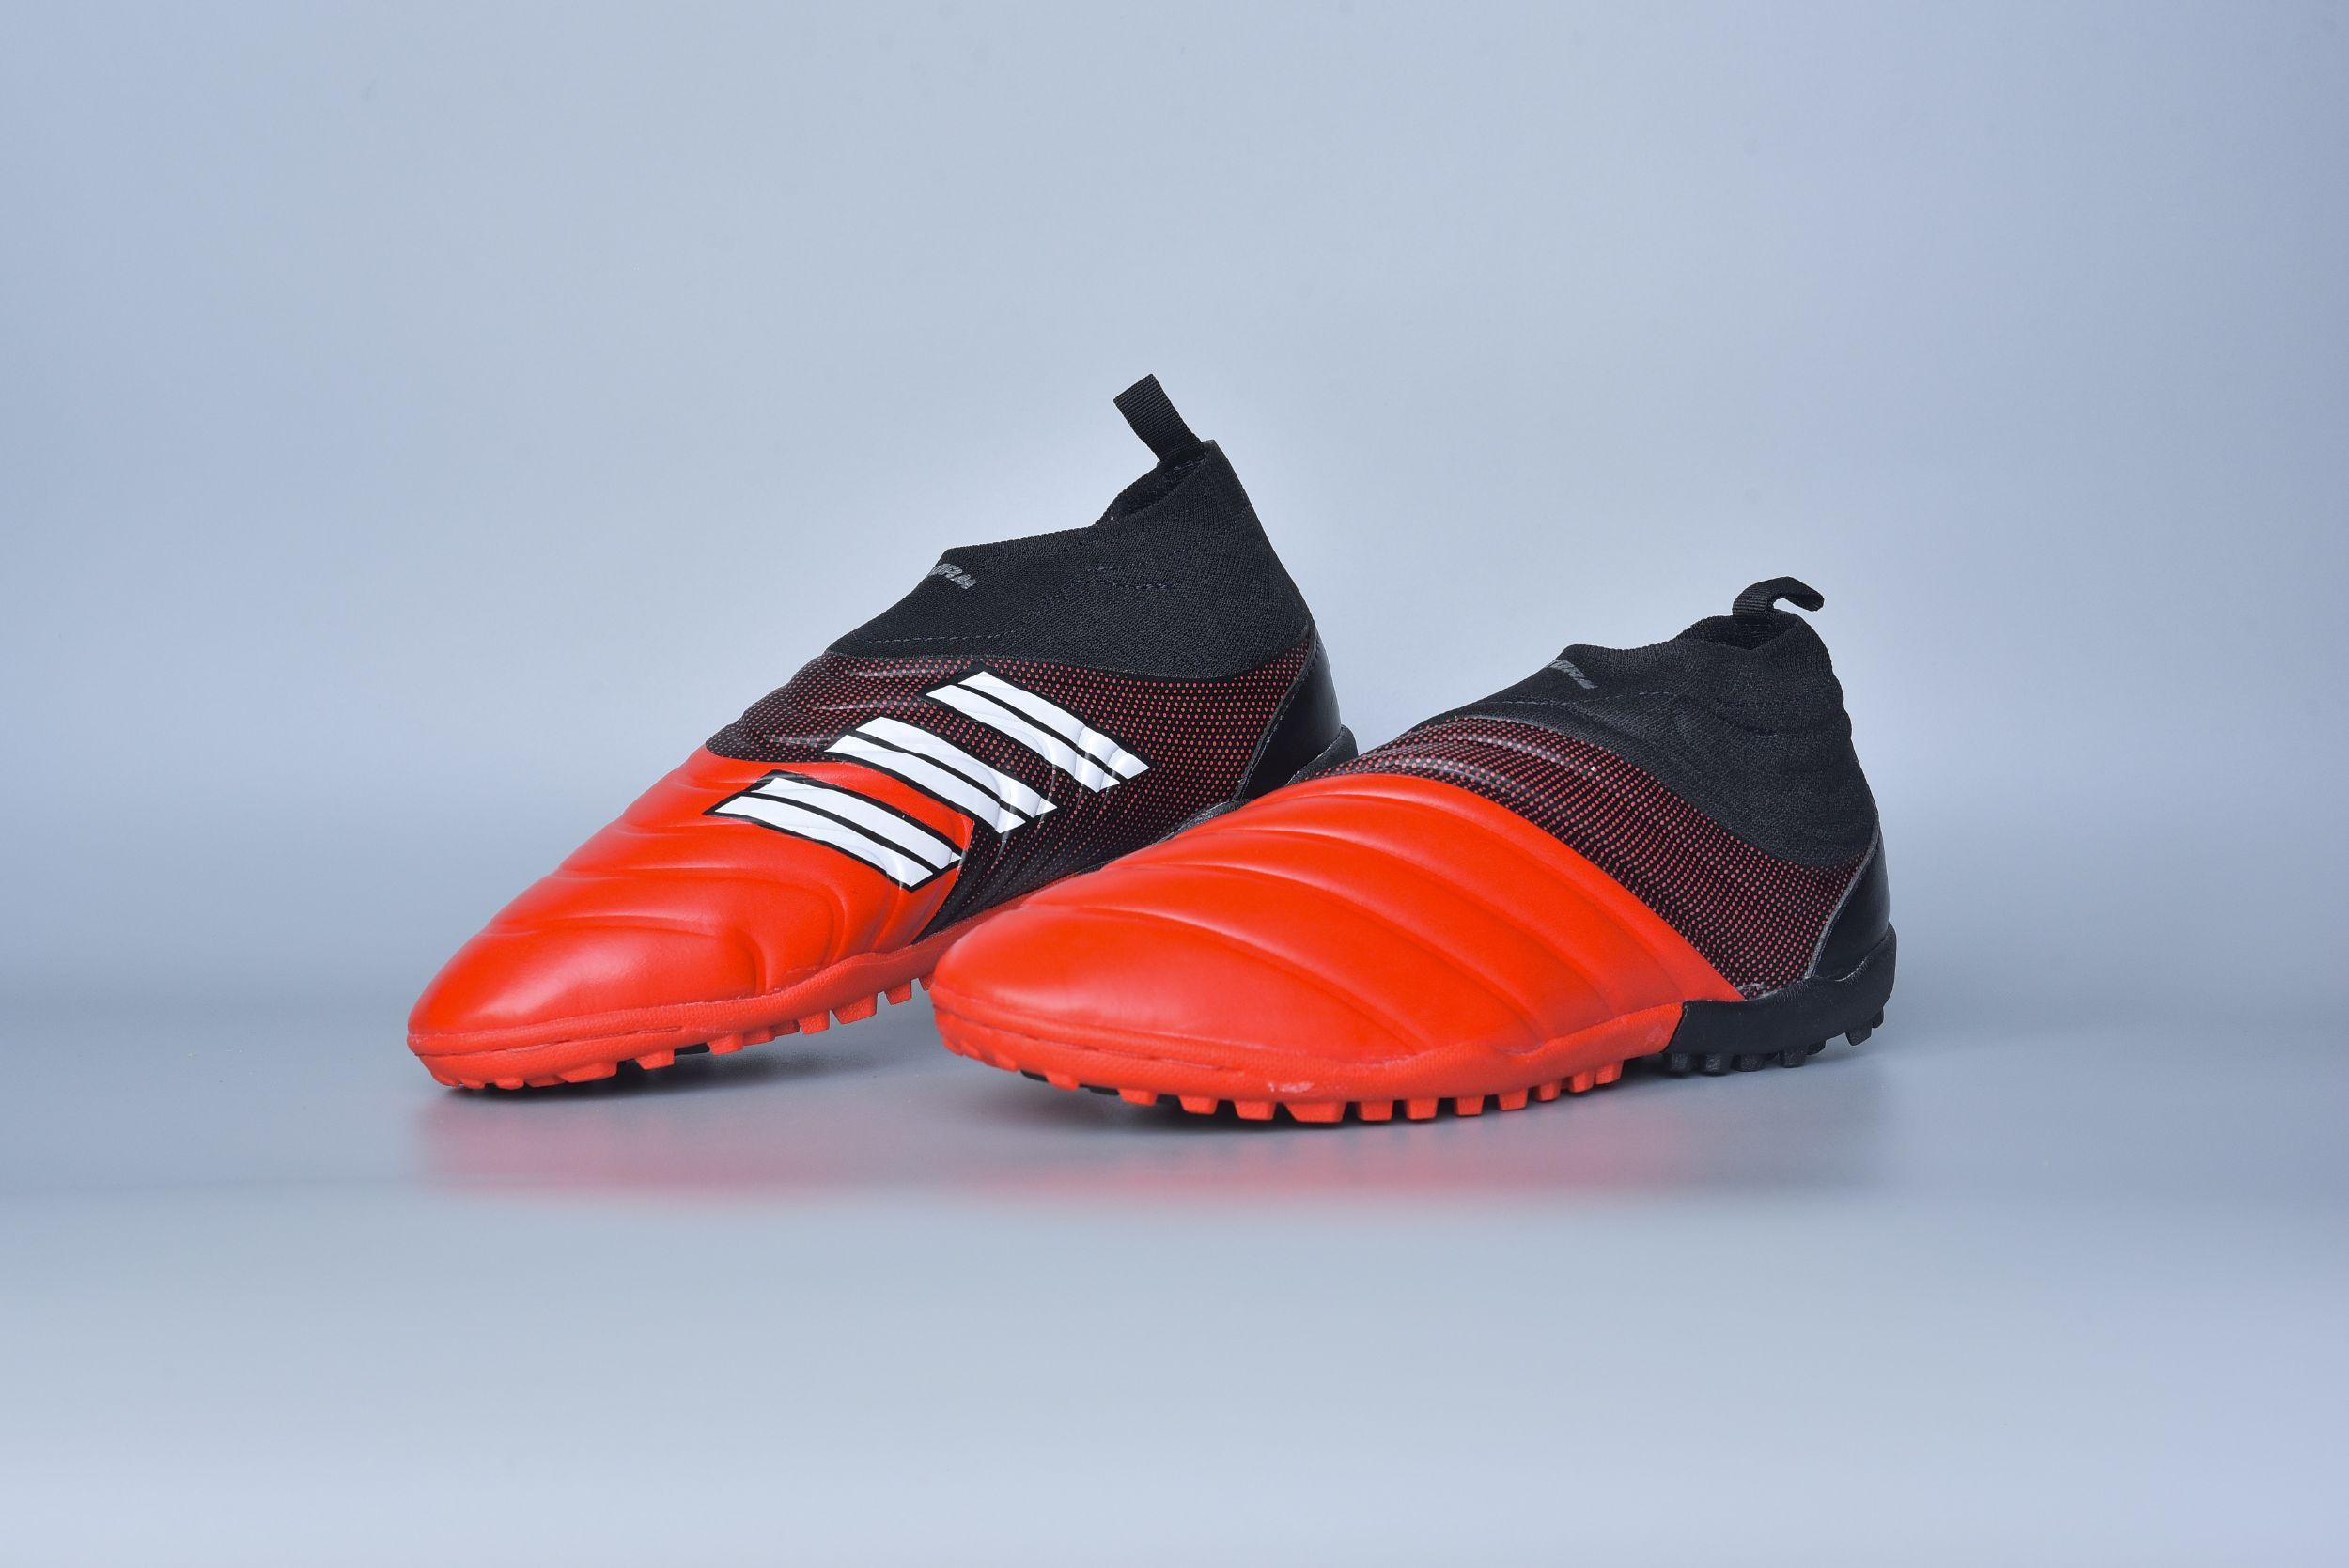 Giày đá bóng xfaster Copa không dây - Đỏ/Đen